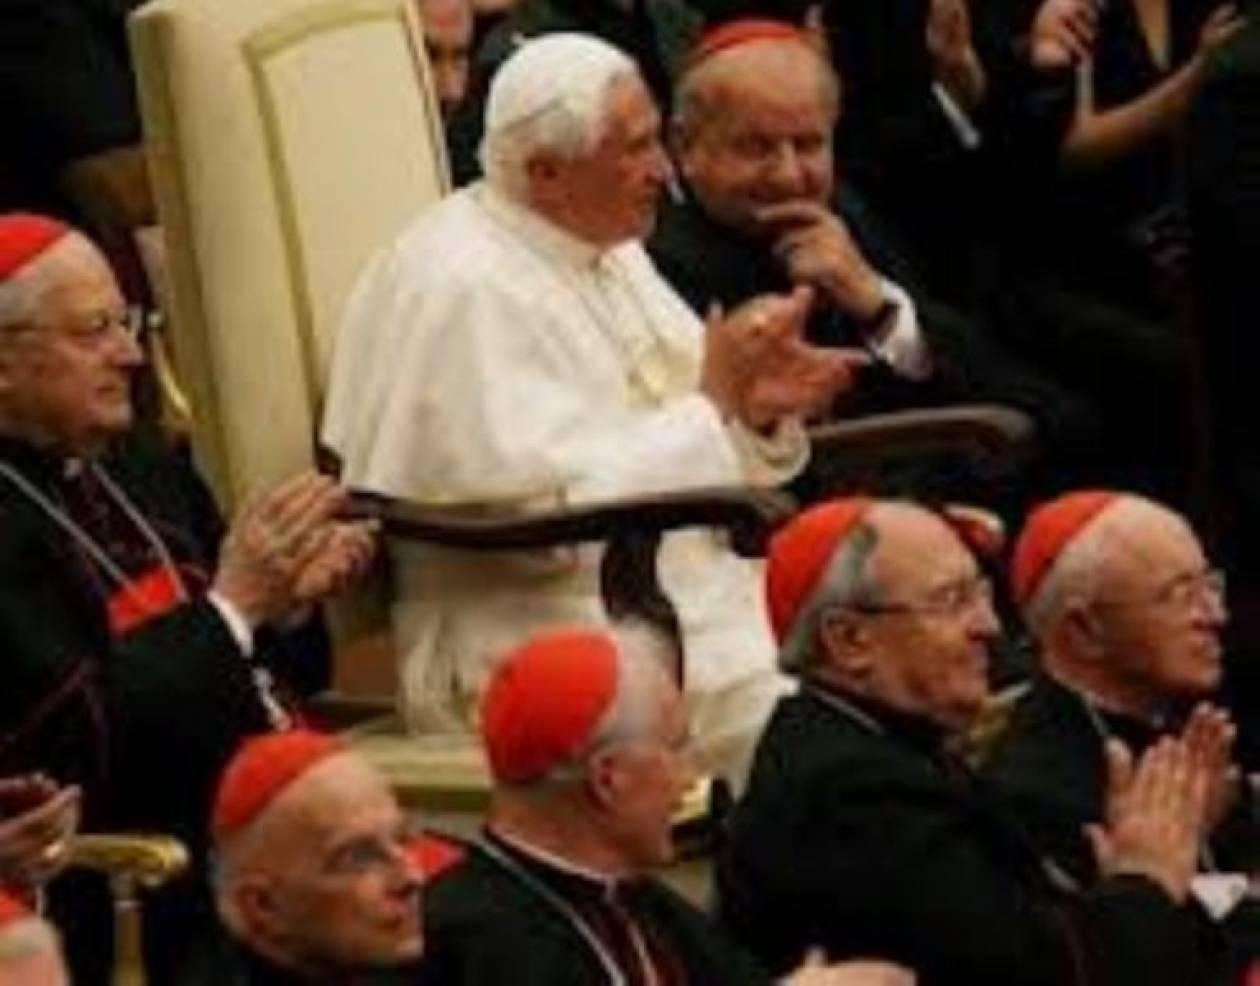 Το Βατικανό και οι ανάρμοστες σχέσεις κάτω από τα άμφια